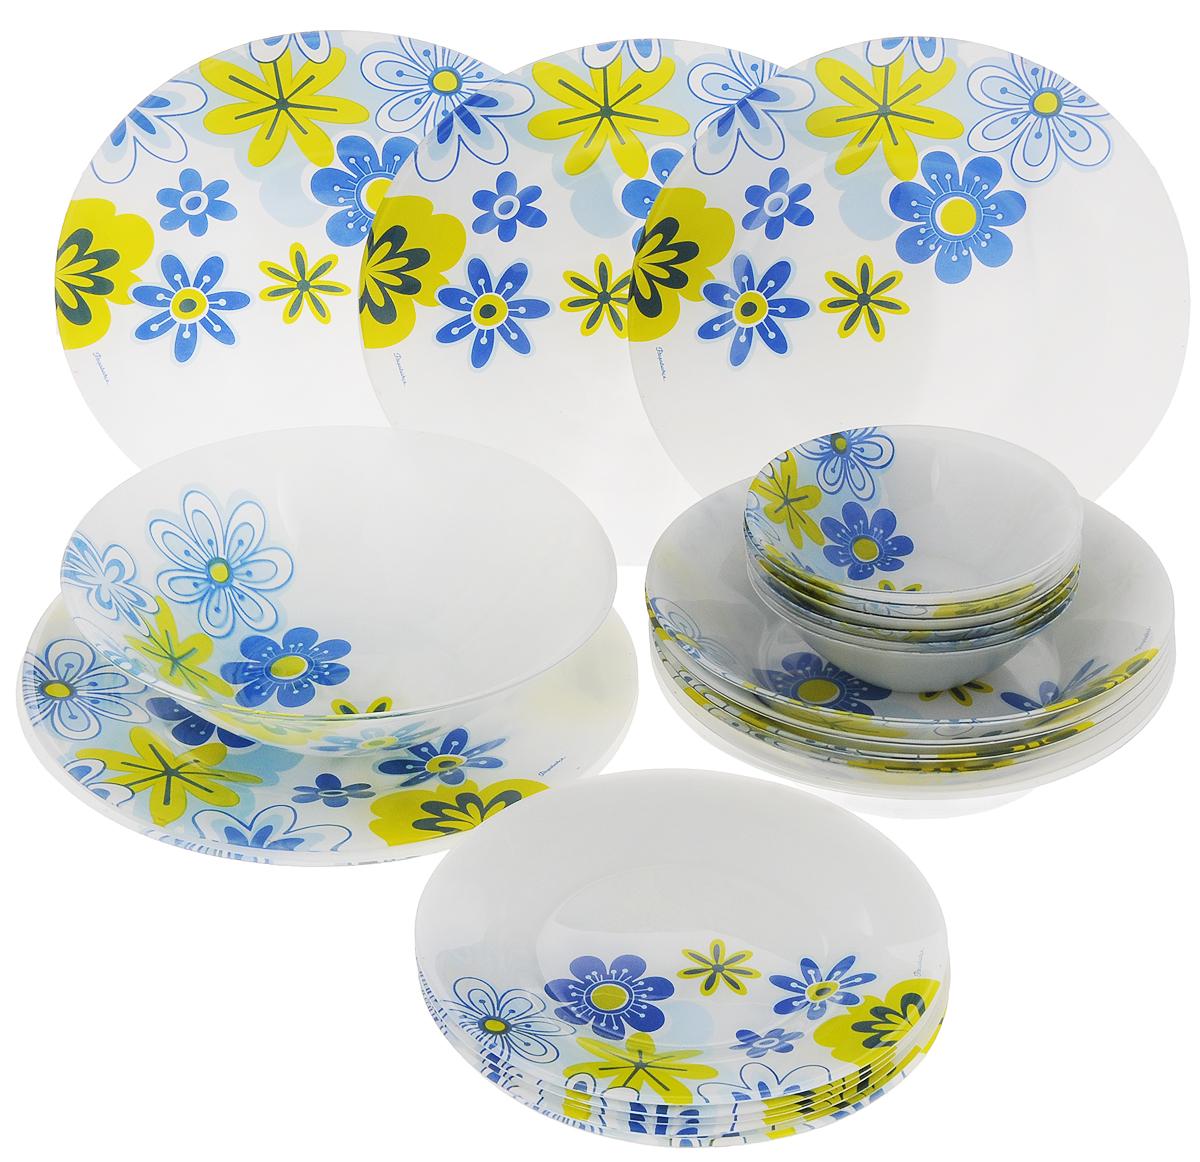 Набор столовой посуды Pasabahce Workshop Spring, 25 предметов95665BСтоловый набор Pasabahce Workshop Spring состоит из шести суповых тарелок, шести десертных тарелок, шести обеденных тарелок и семи салатников. Предметы набора выполнены из натрий-кальций-силикатного стекла, благодаря чему посуда будет использоваться очень долго, при этом сохраняя свой внешний вид. Предметы набора имеют повышенную термостойкость. Набор создаст отличное настроение во время обеда, будет уместен на любой кухне и понравится каждой хозяйке. Красочное оформление предметов набора придает ему оригинальность и торжественность. Практичный и современный дизайн делает набор довольно простым и удобным в эксплуатации.Предметы набора можно мыть в посудомоечной машине.Диаметр суповой тарелки: 22 см.Высота стенок суповой тарелки: 5 см.Диаметр обеденной тарелки: 26 см.Высота обеденной тарелки: 2 см.Диаметр десертной тарелки: 20 см.Высота десертной тарелки: 1,5 см.Диаметр большого салатника: 23 см.Высота стенок большого салатника: 6,5 см.Диаметр малого салатника: 14 см.Высота стенок салатника: 4,5 см.